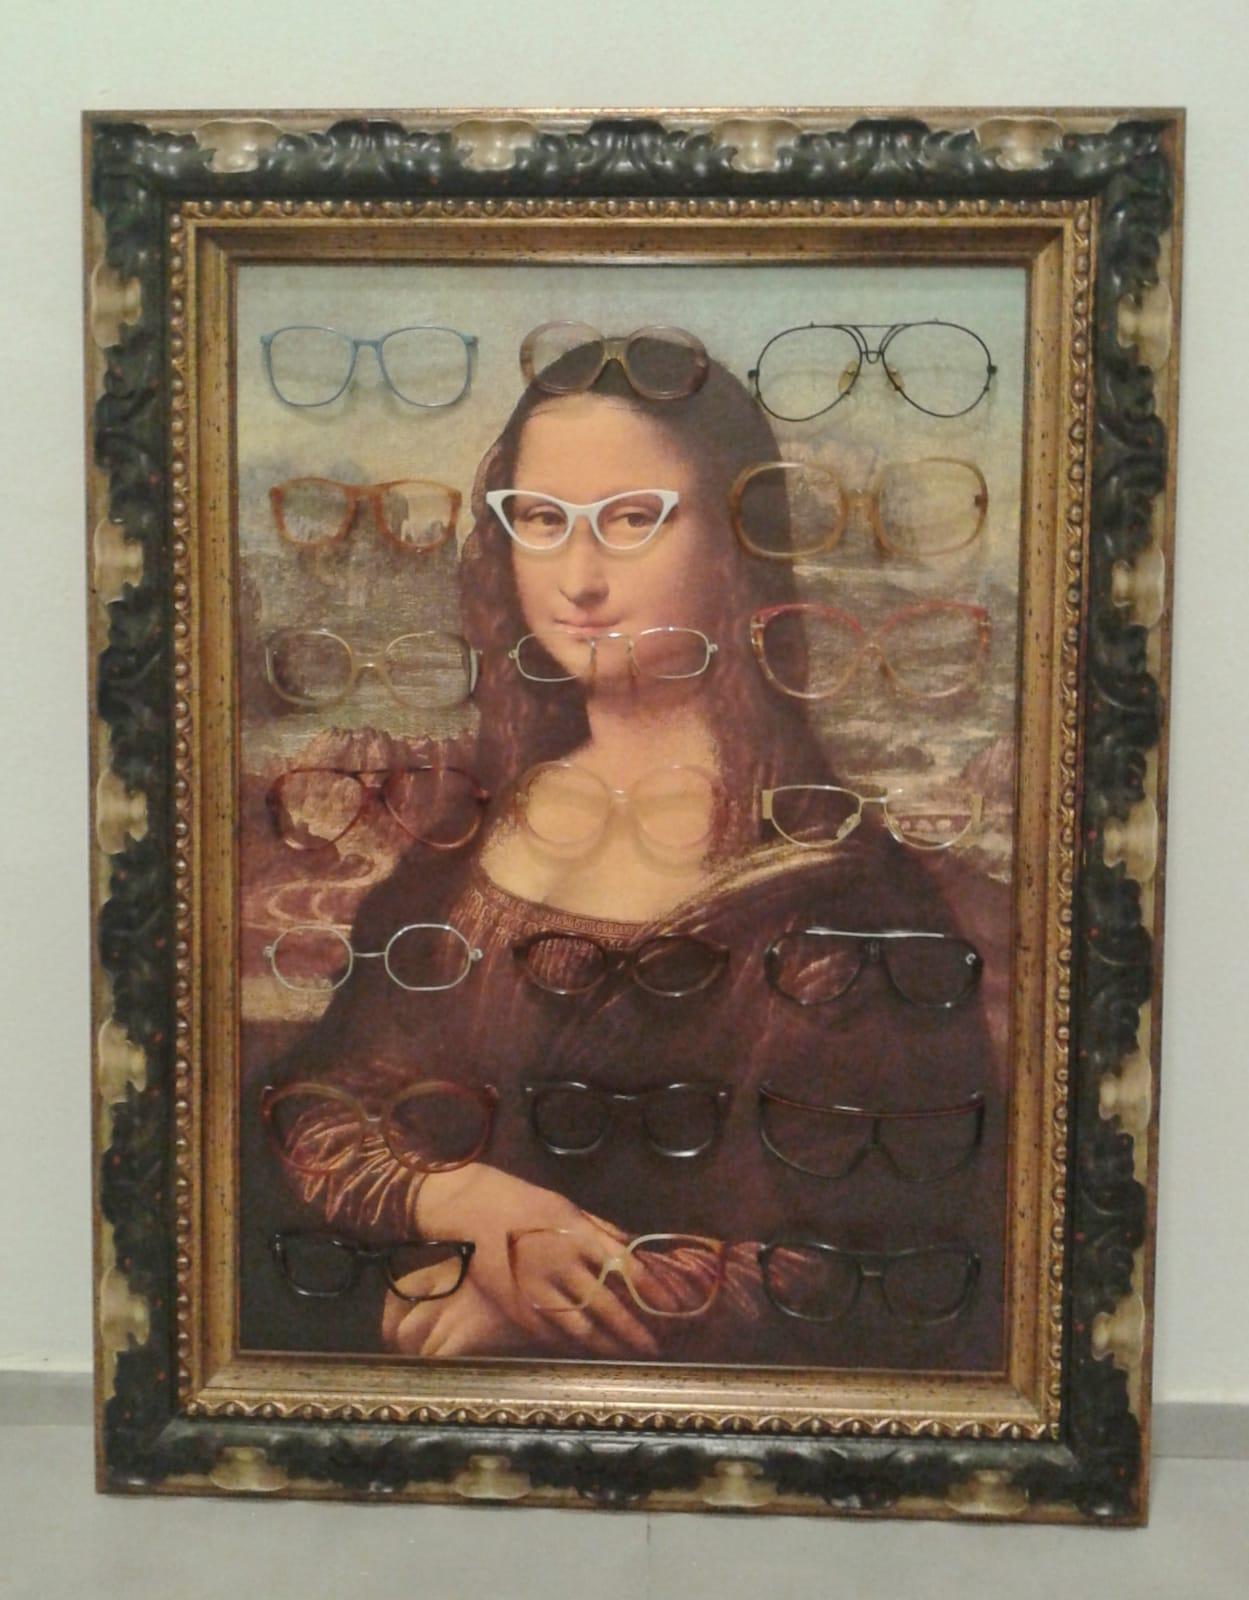 Exposición FICCIÓN Y FABULACIÓN en OCCO Art Gallery